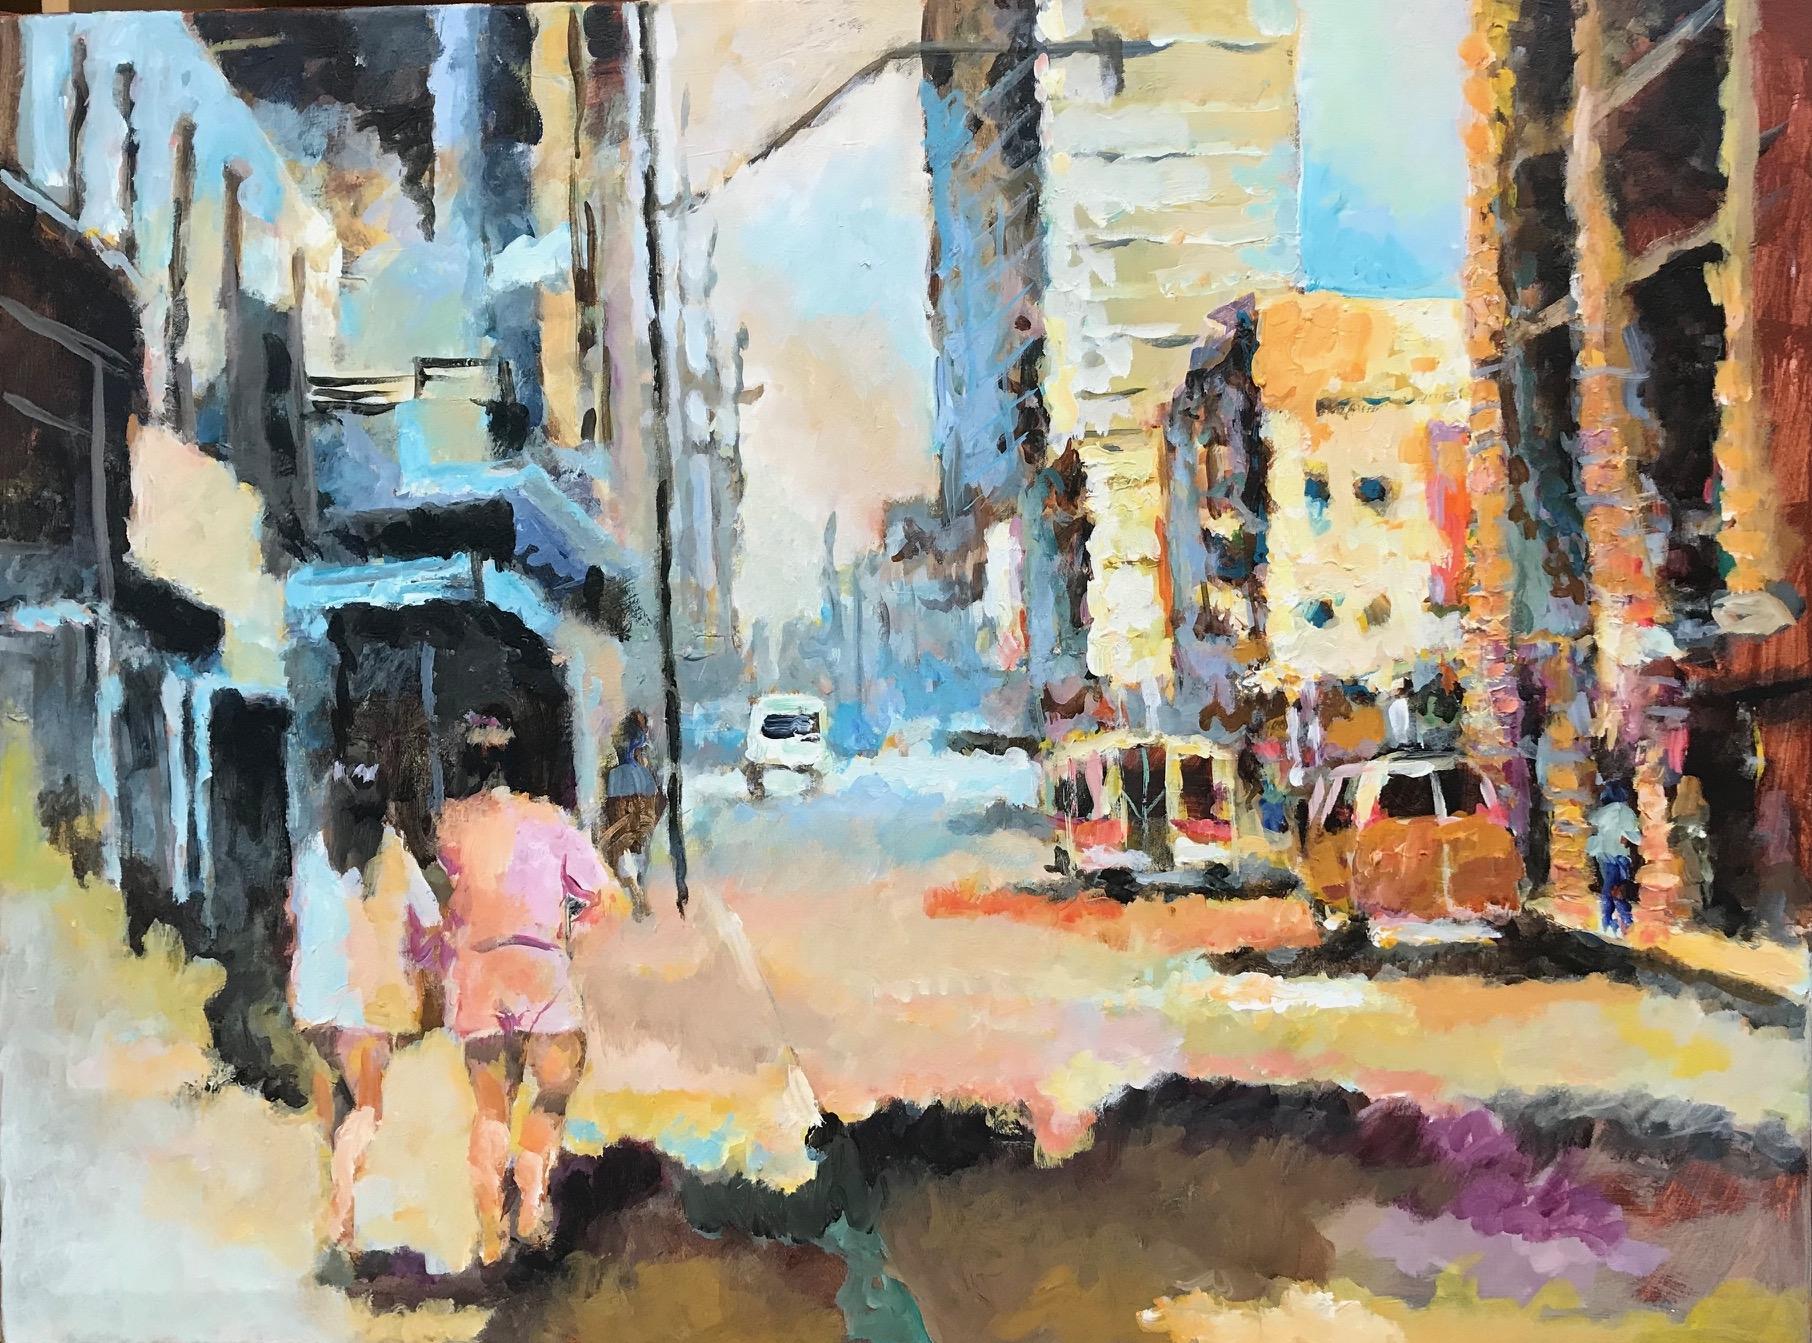 Yonge Sun  by Masood Omer